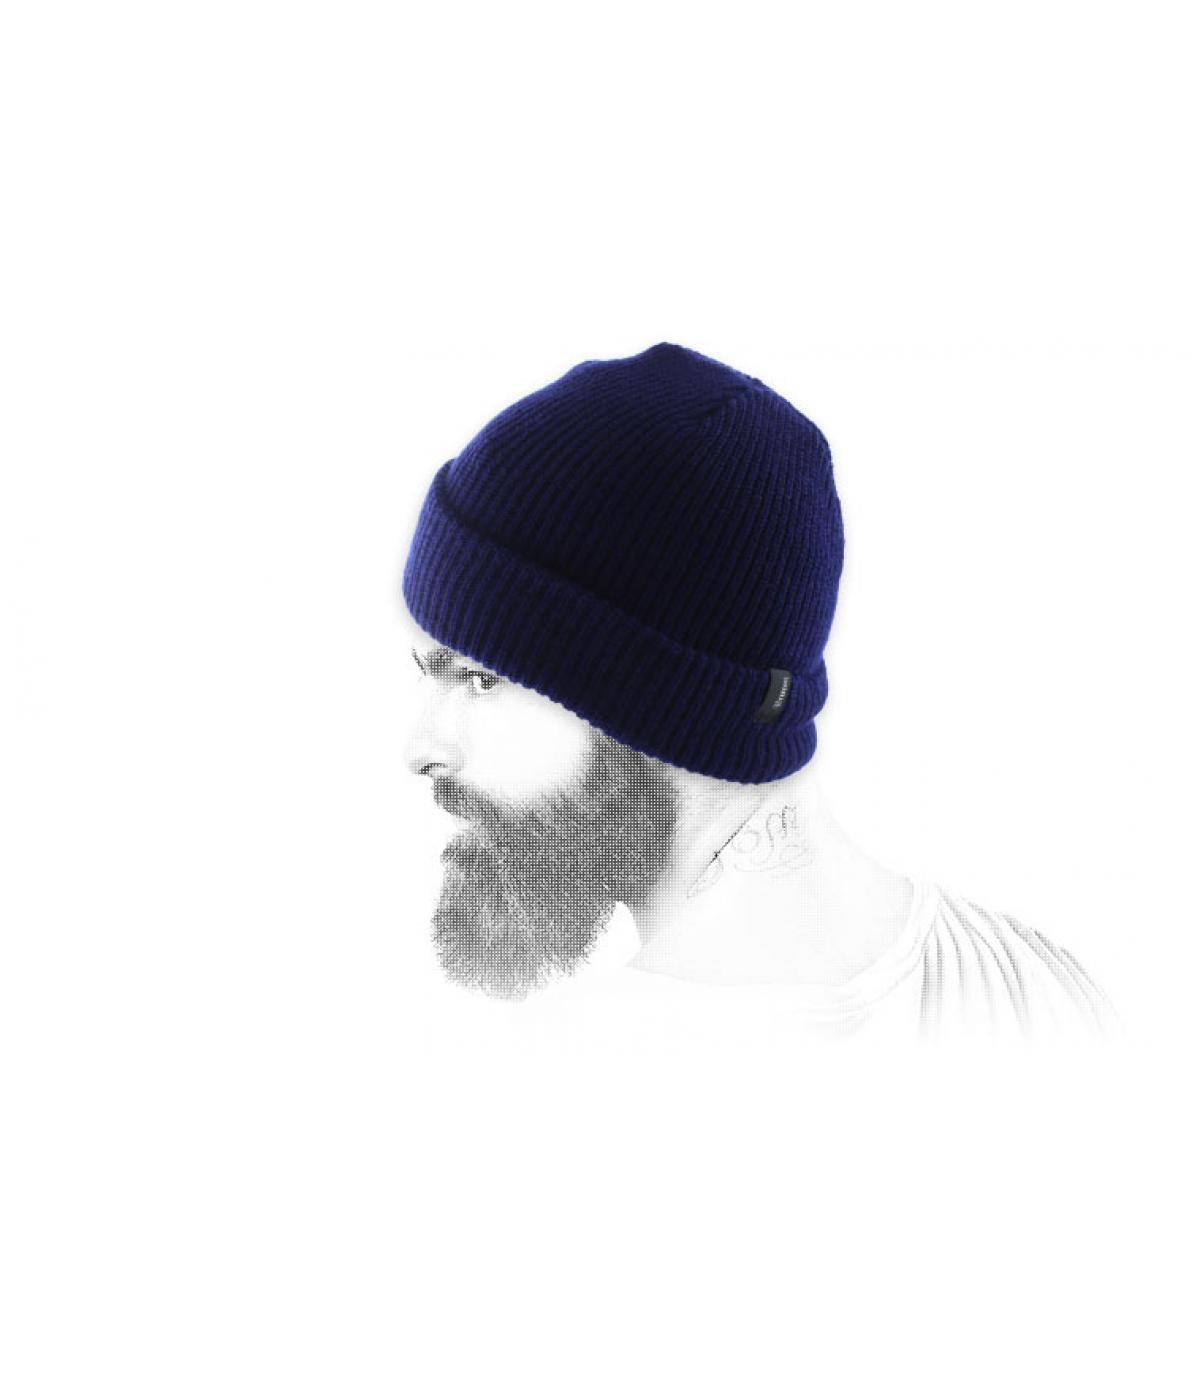 Berretto Brixton blu marine